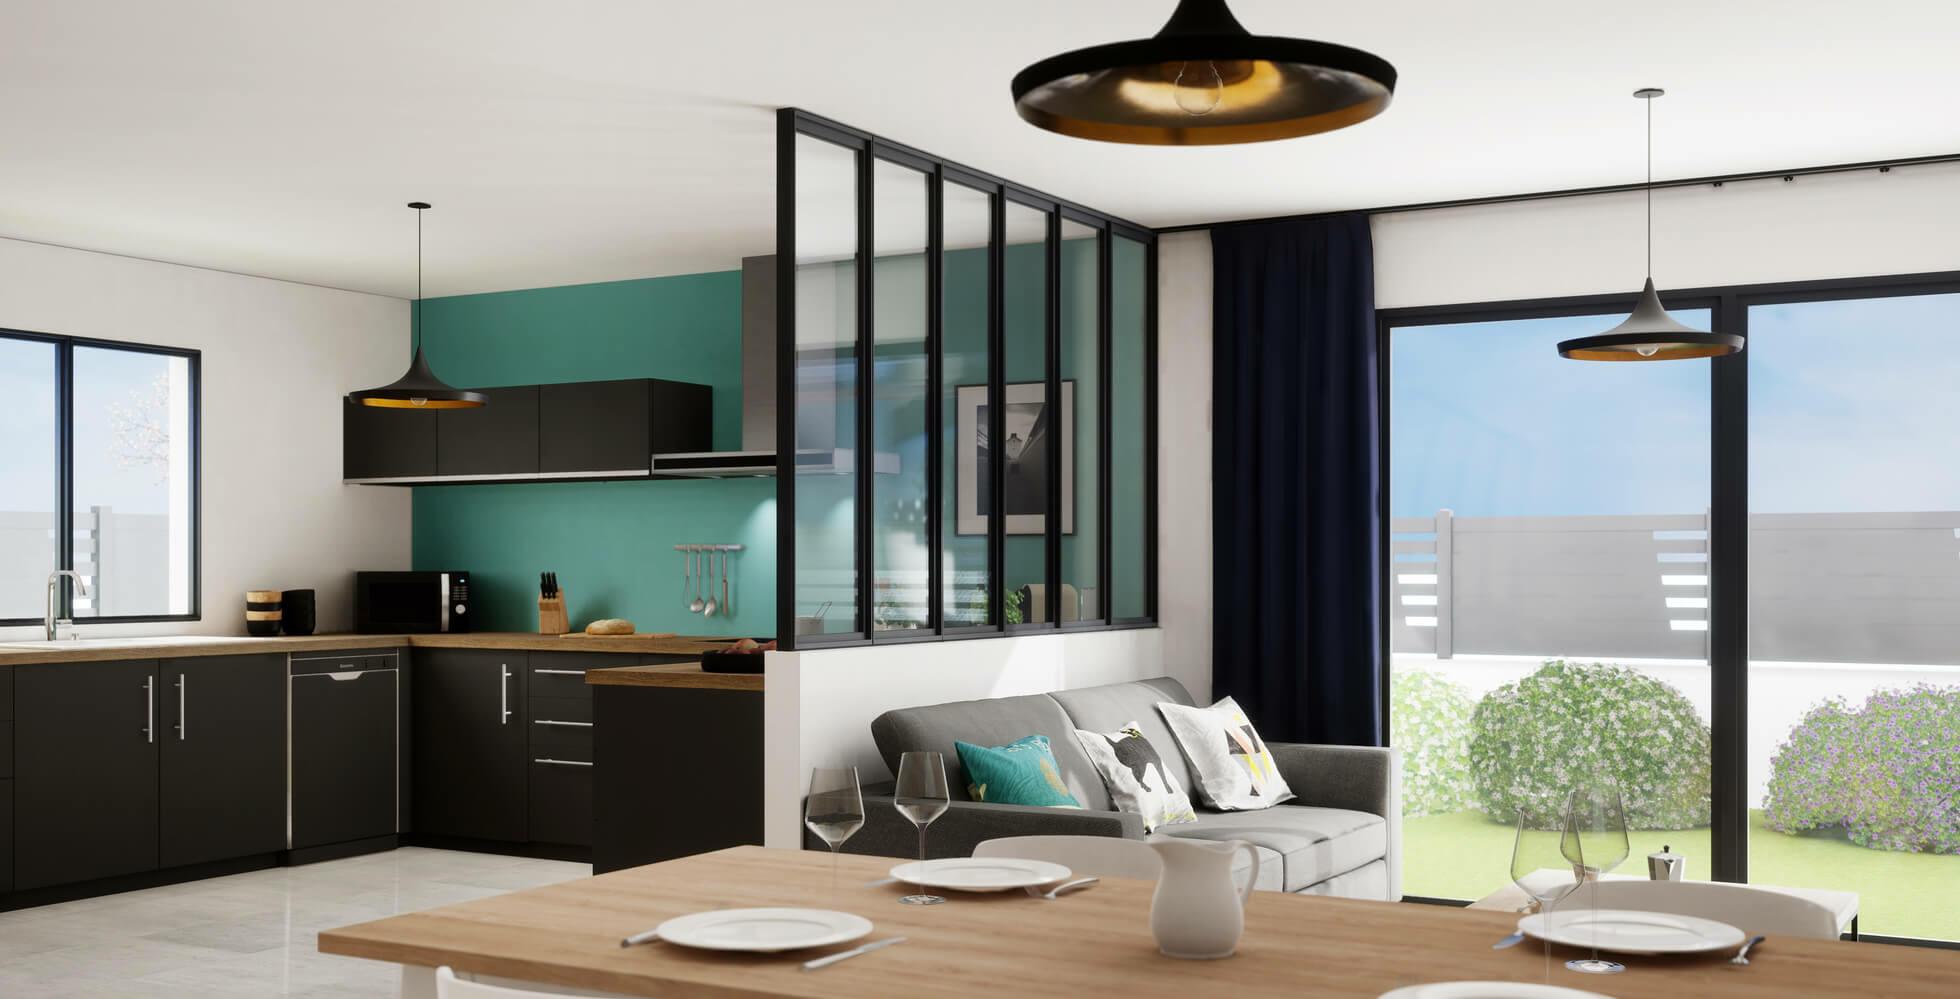 una cucina aperta sulla sala da pranzo con una parete divisoria in vetro